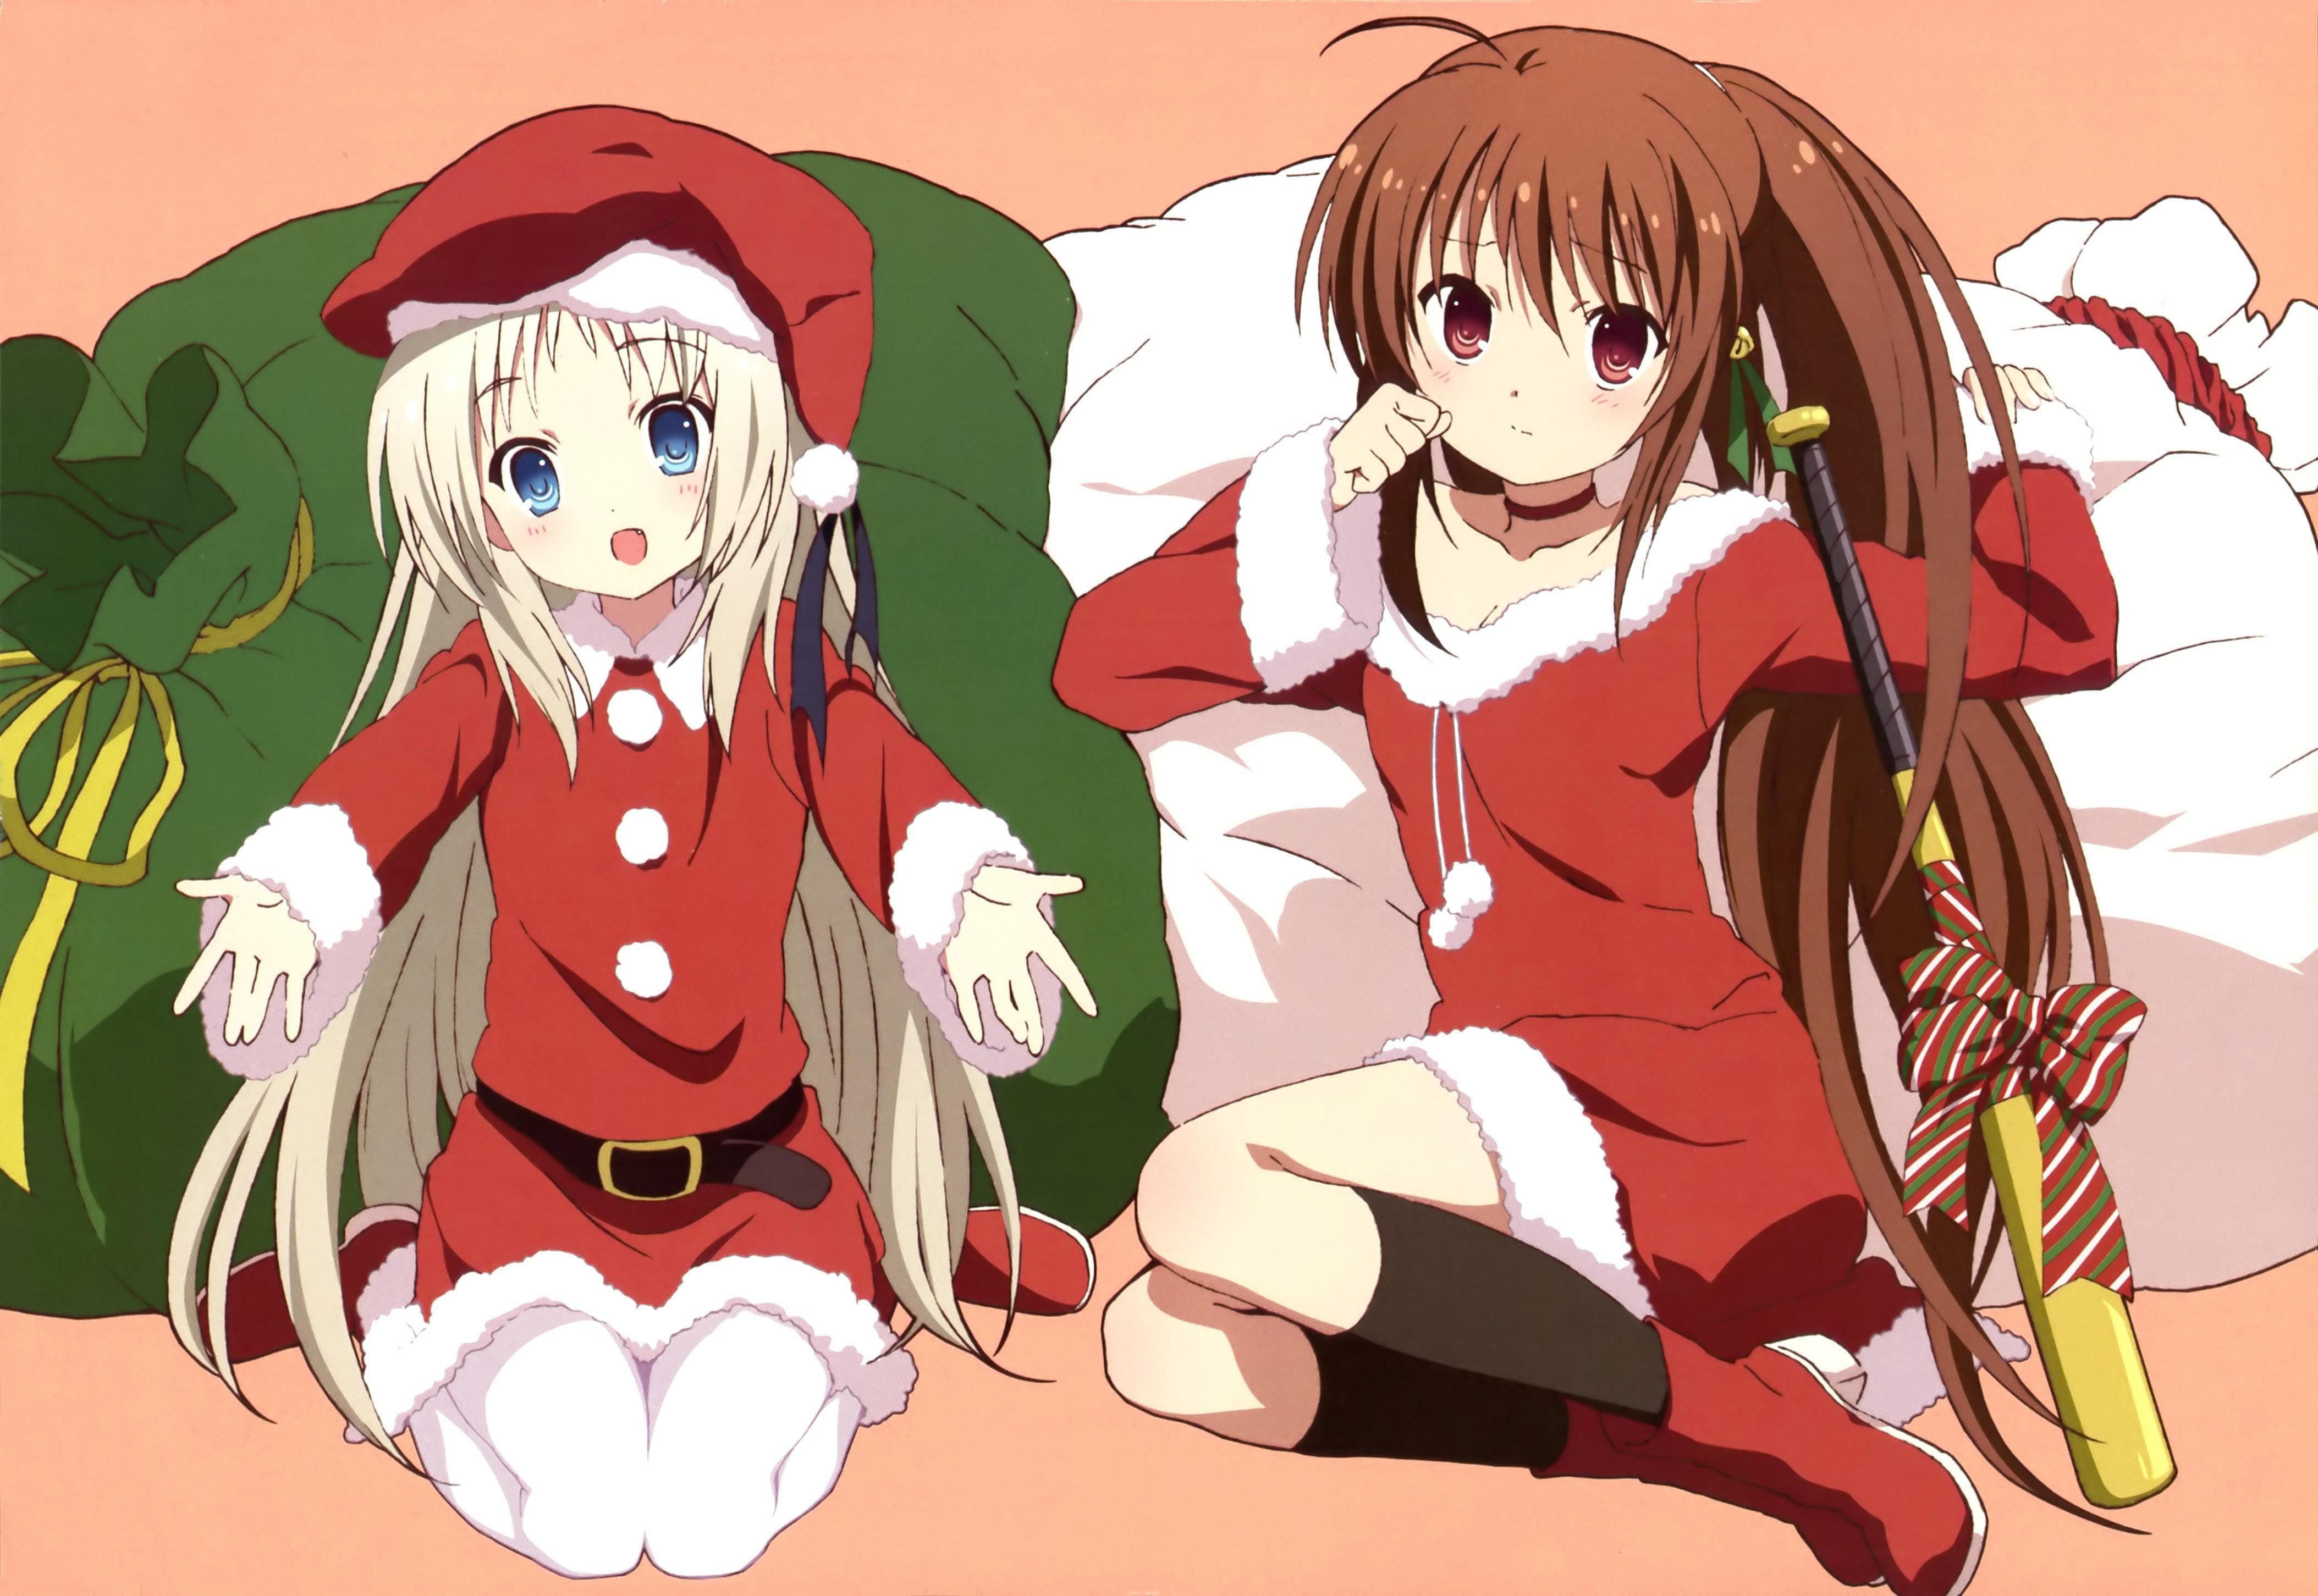 Little Girl Wallpaper 800x1280 Wallpaper Illustration Anime Girls Cartoon Christmas